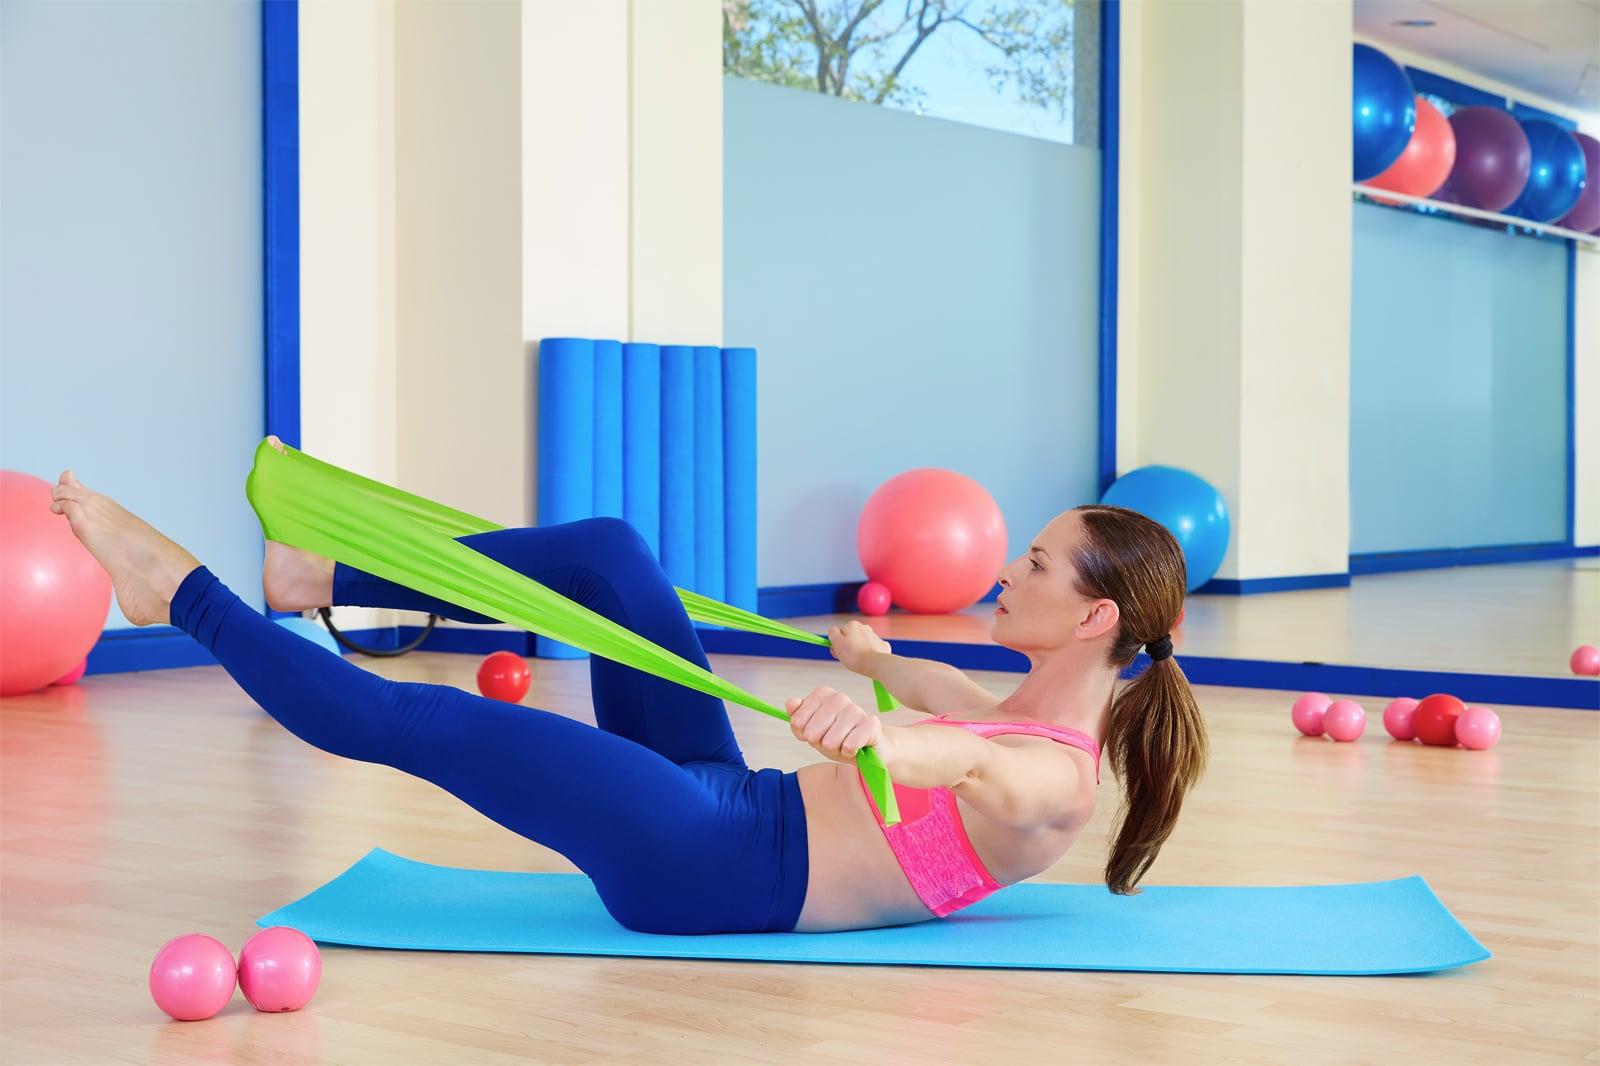 Gumy do jogi, rehabilitacji Sensei - ćwiczenia [4]